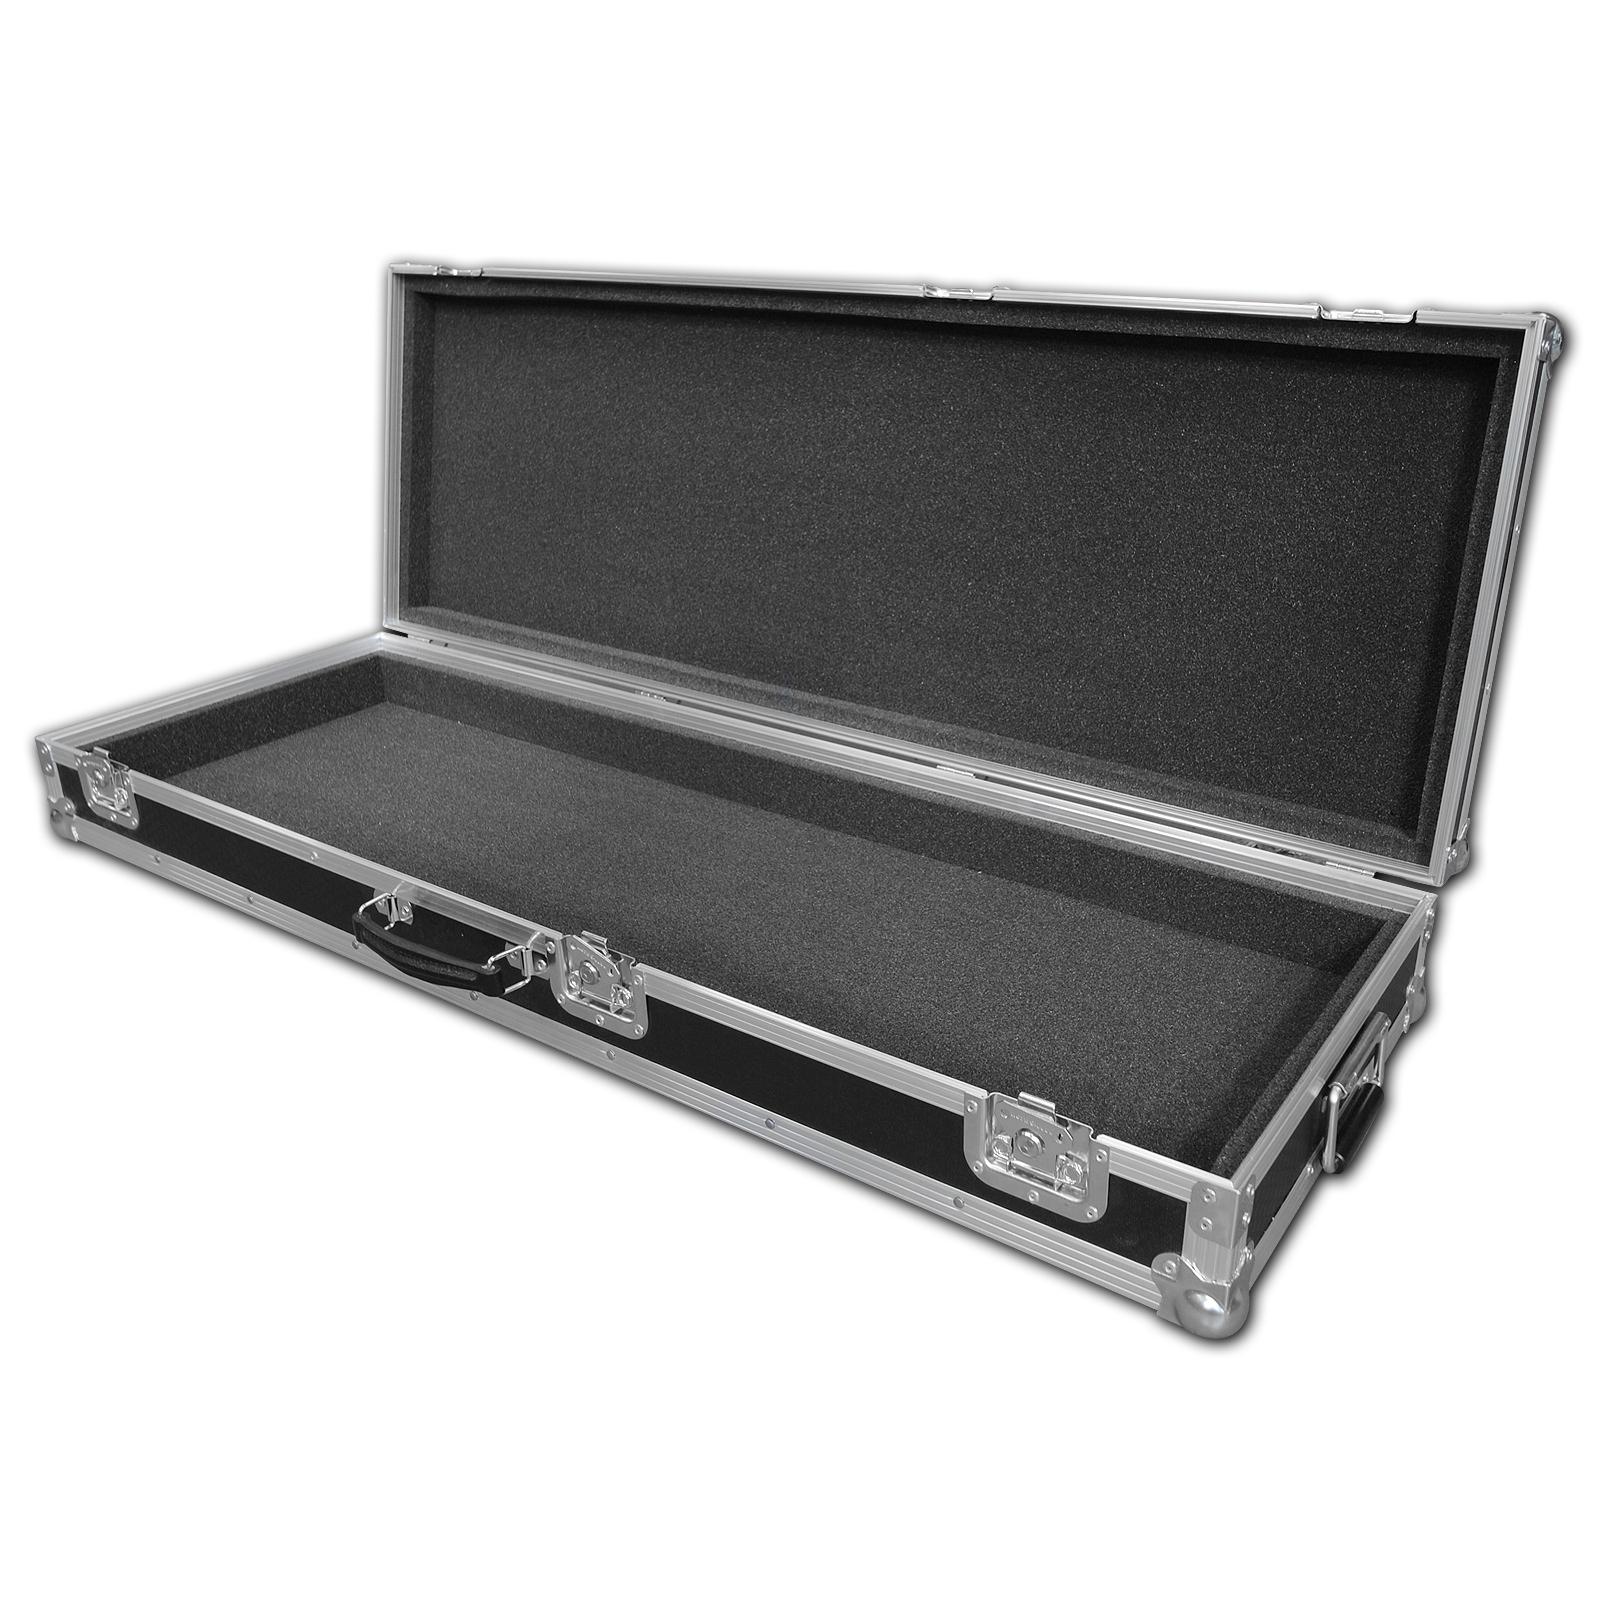 hard keyboard flight case for roland v piano. Black Bedroom Furniture Sets. Home Design Ideas